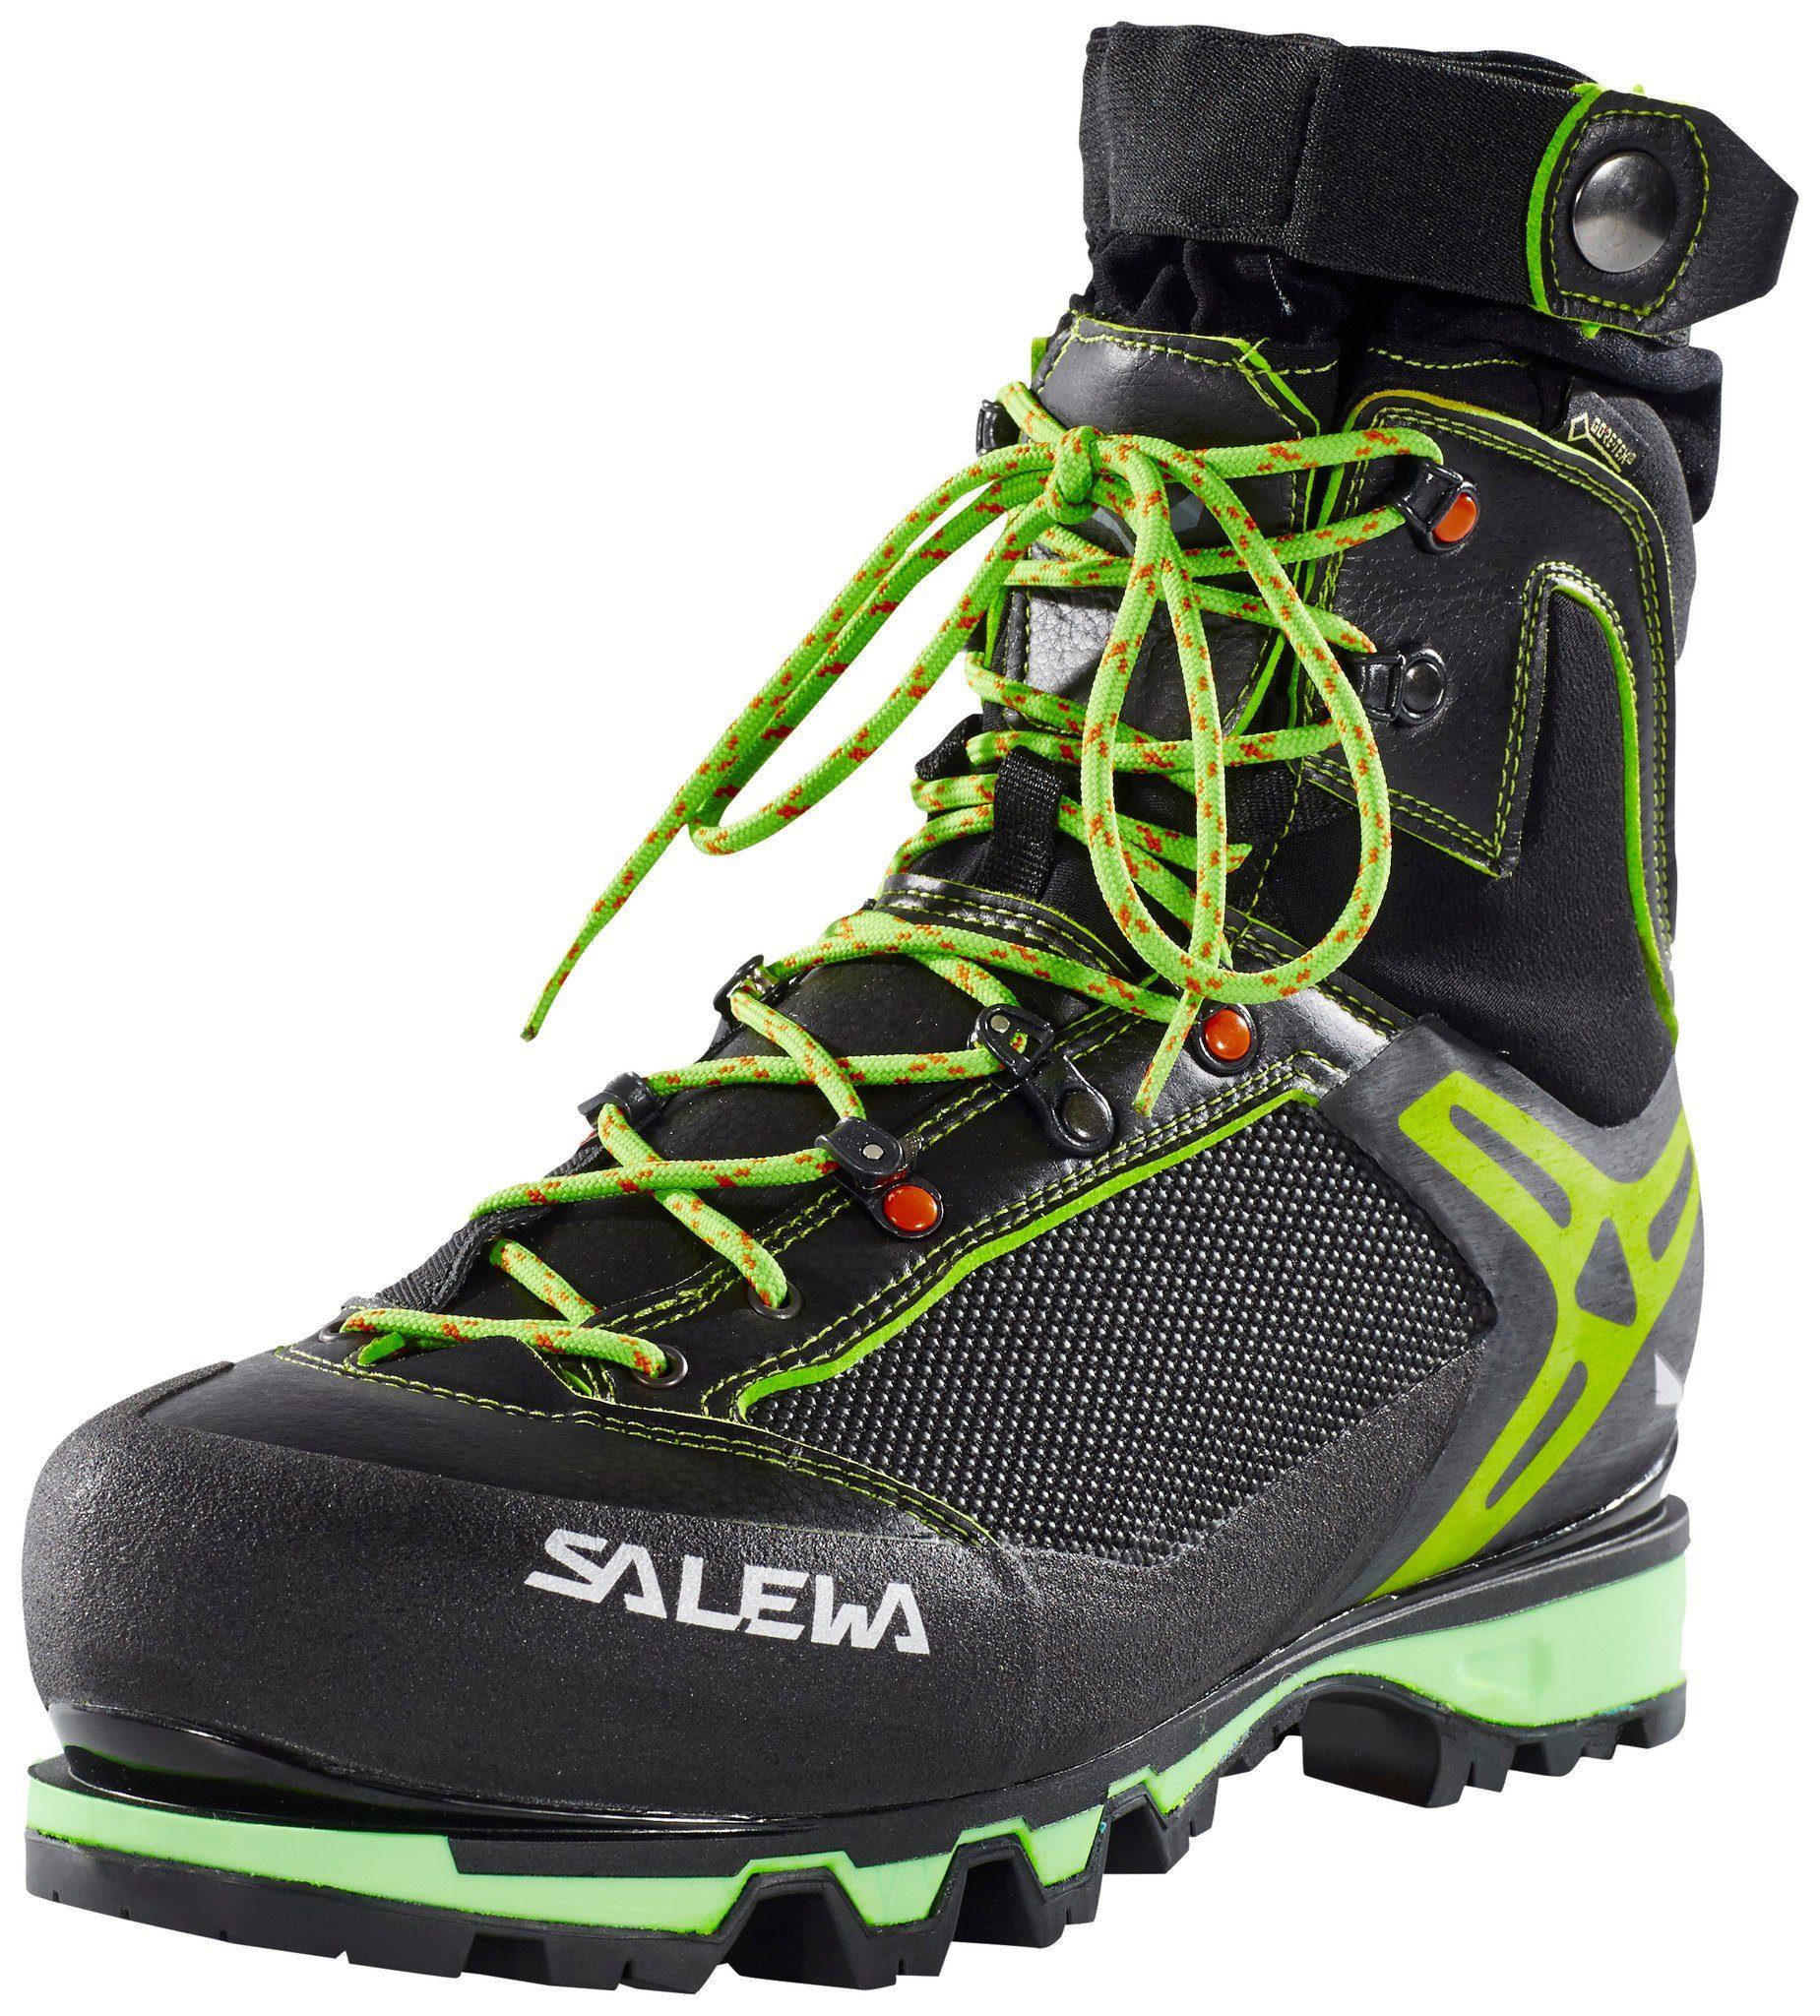 Salewa Kletterschuh Vultur Vertical GTX Shoes Men online kaufen  schwarz